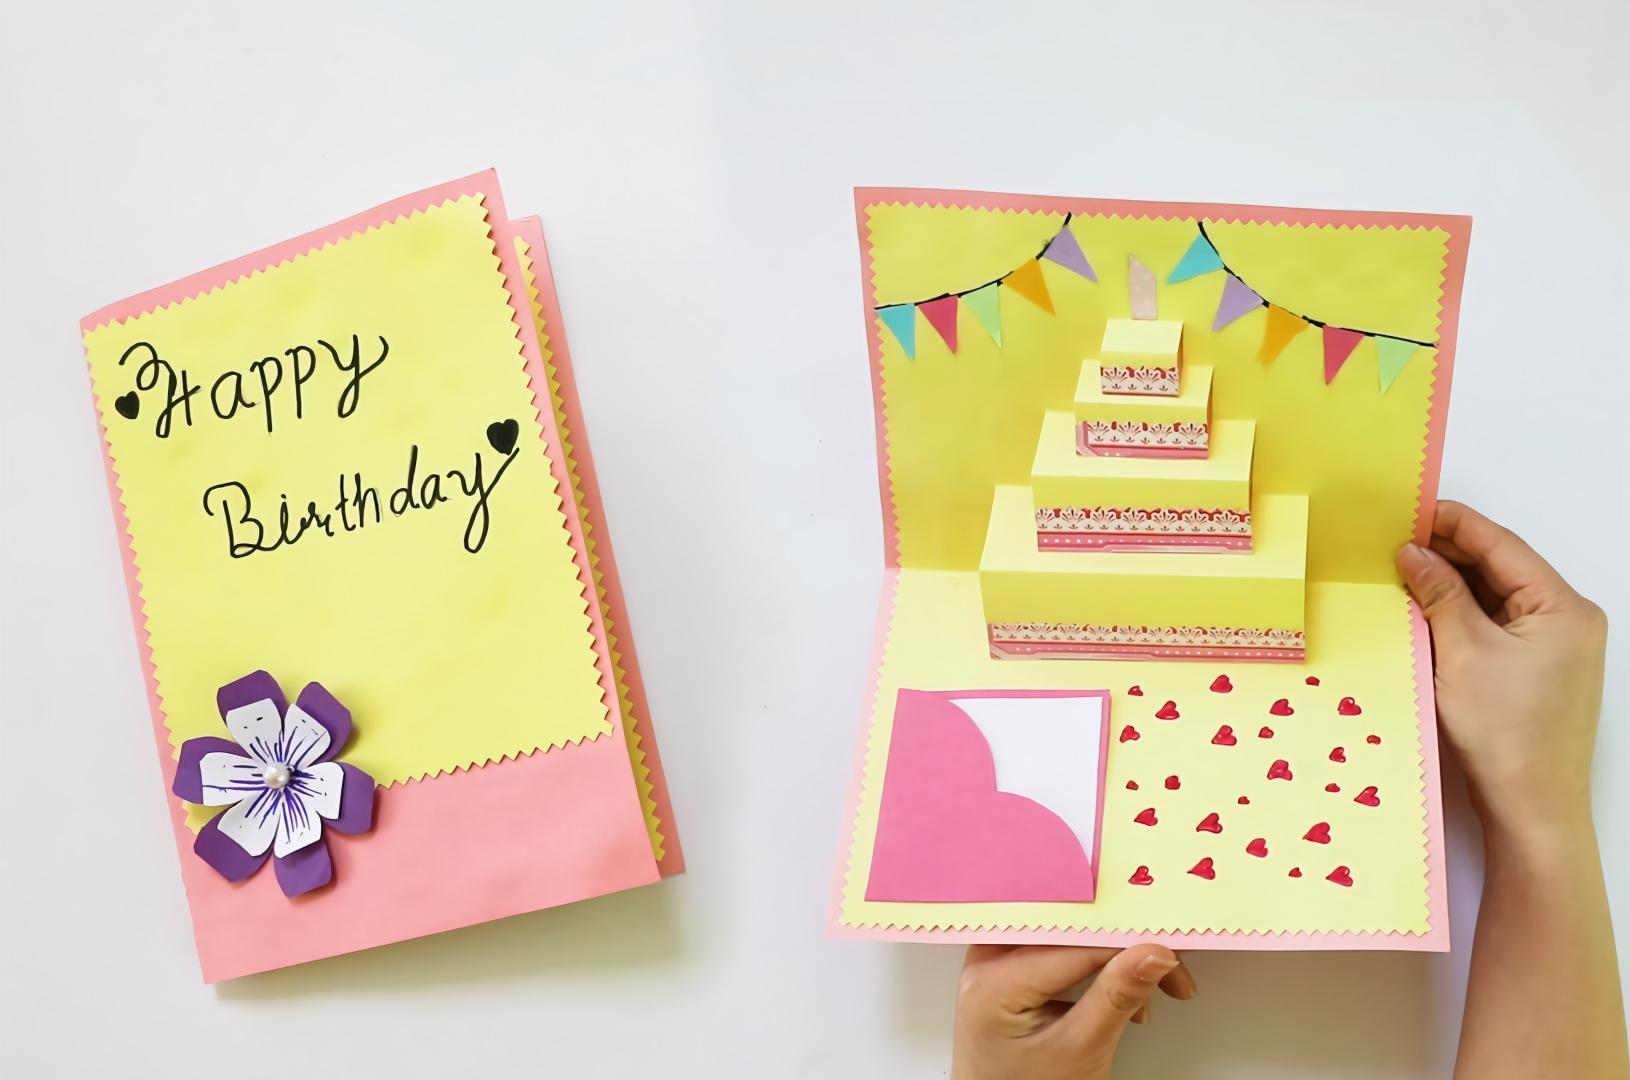 贺卡系列,教你动手diy一款漂亮的生日贺卡